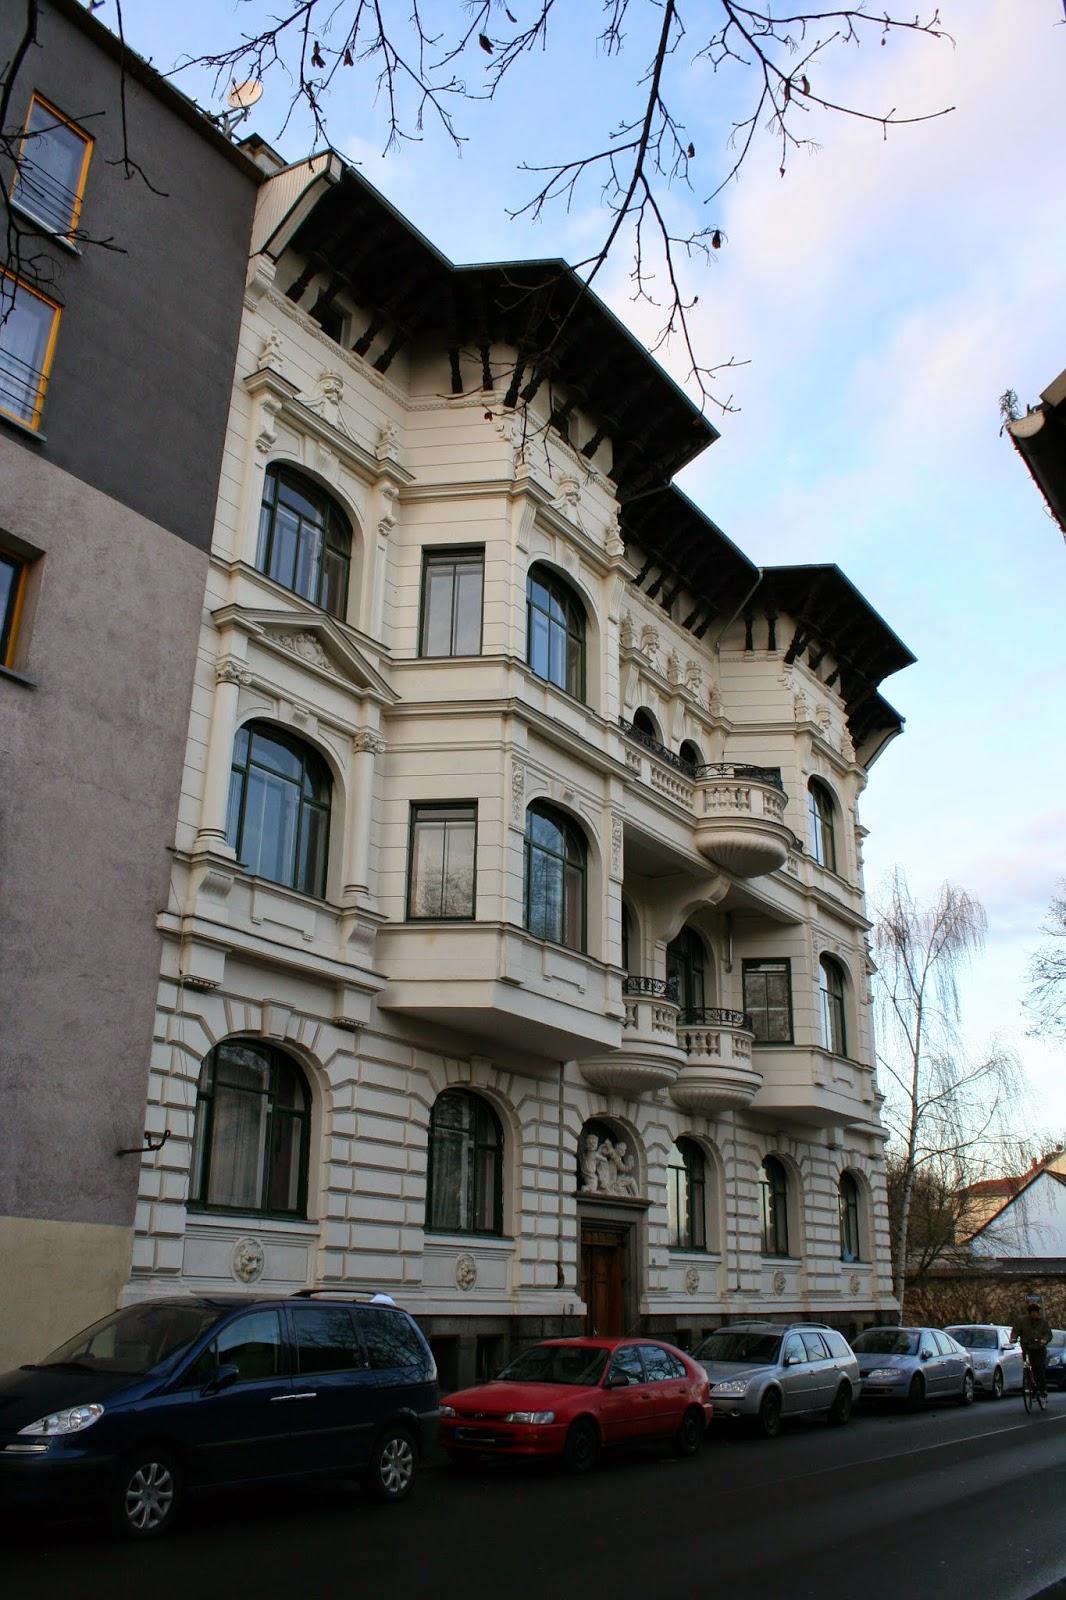 Leider sieht das Gebäude nur von der Vorderseite so pompös aus - die Villa Leonhard in der Windorfer Straße wurde 1903 erbaut